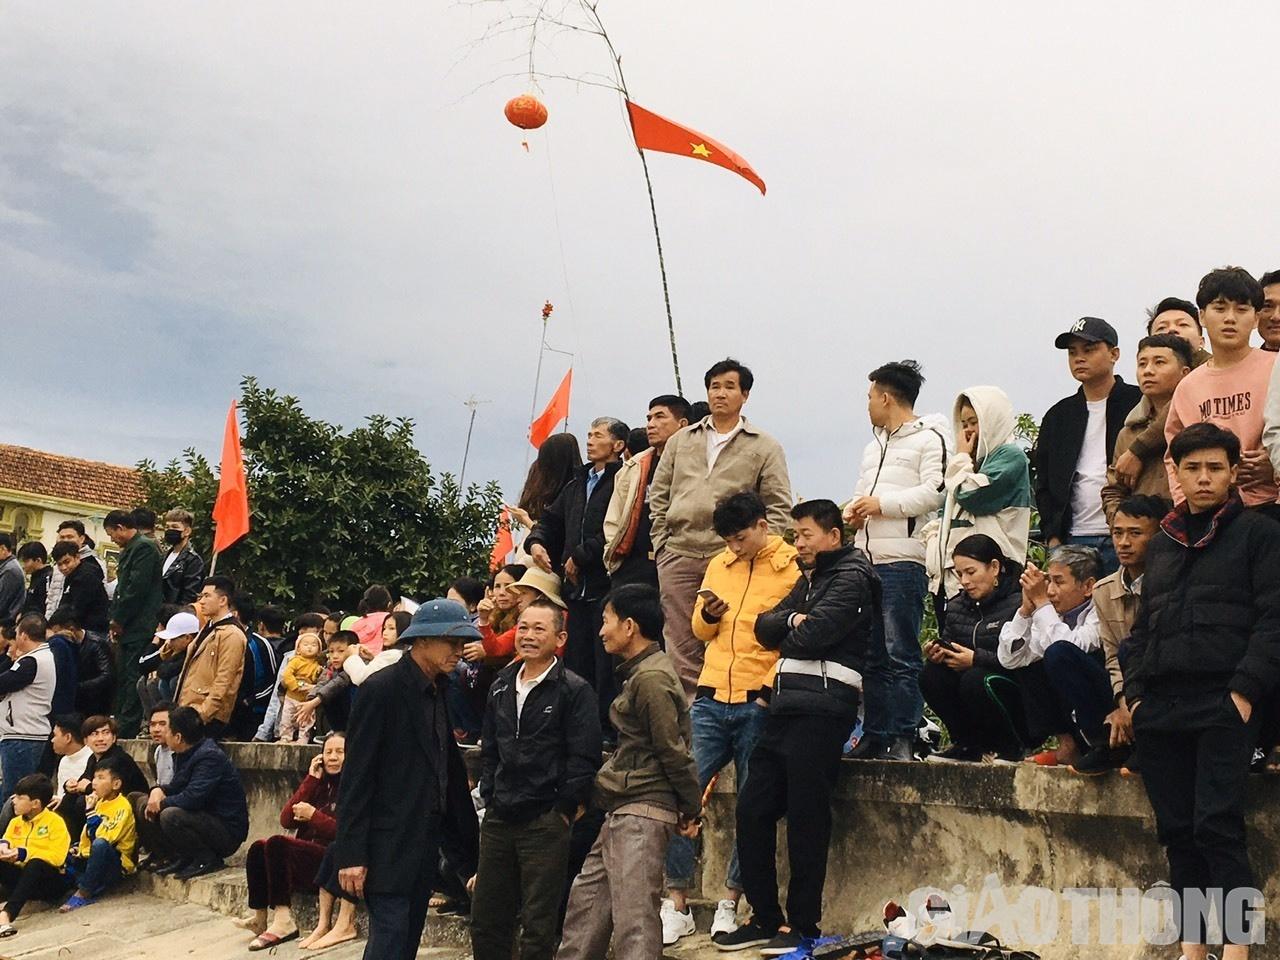 Hàng ngàn người dân cổ vũ cho các đội đua